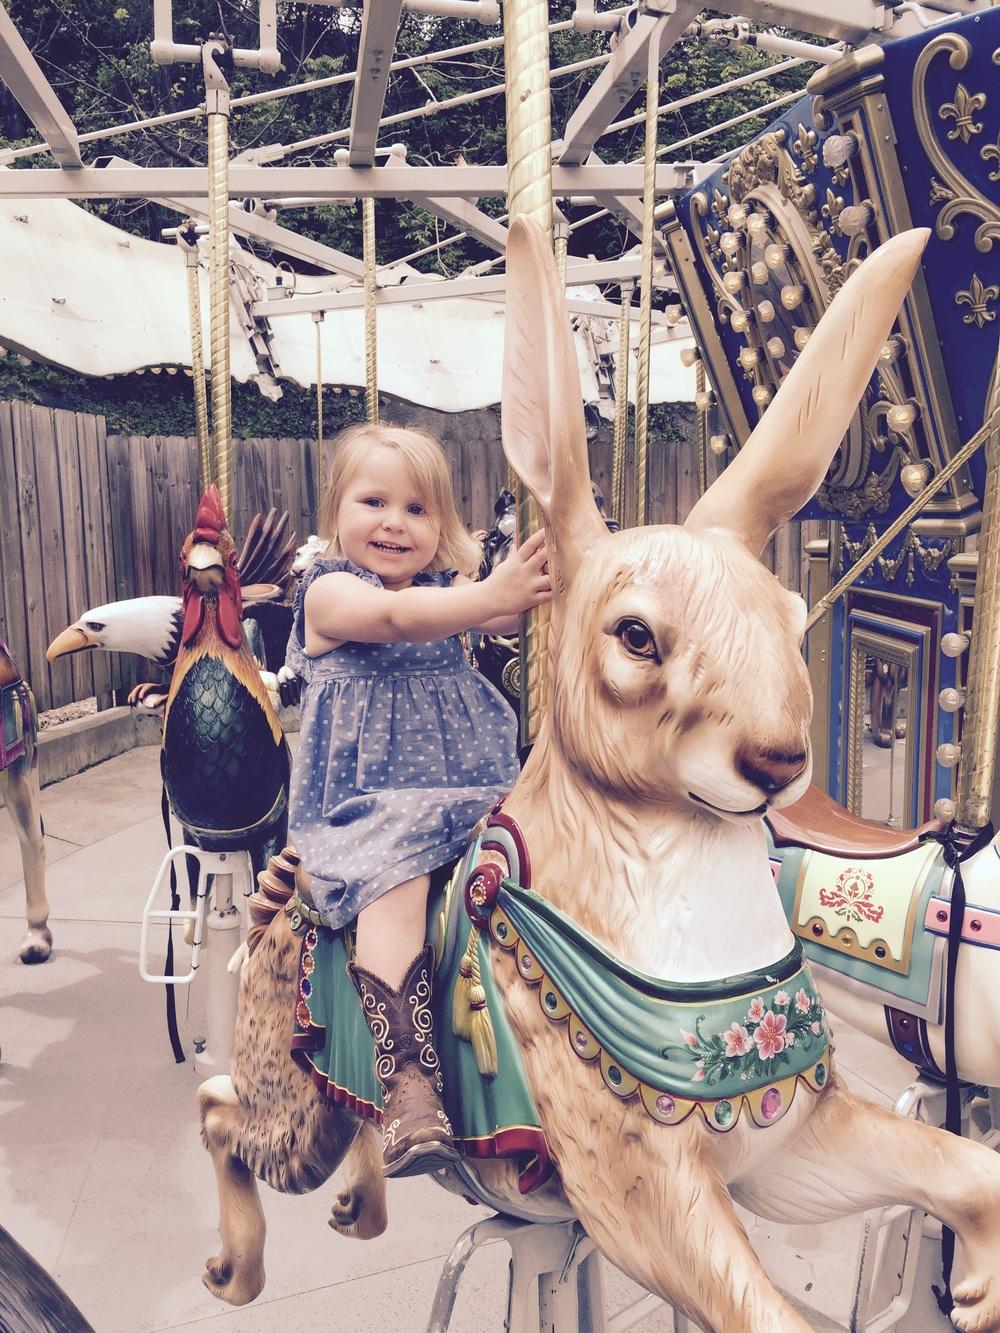 She loves the carousel!!